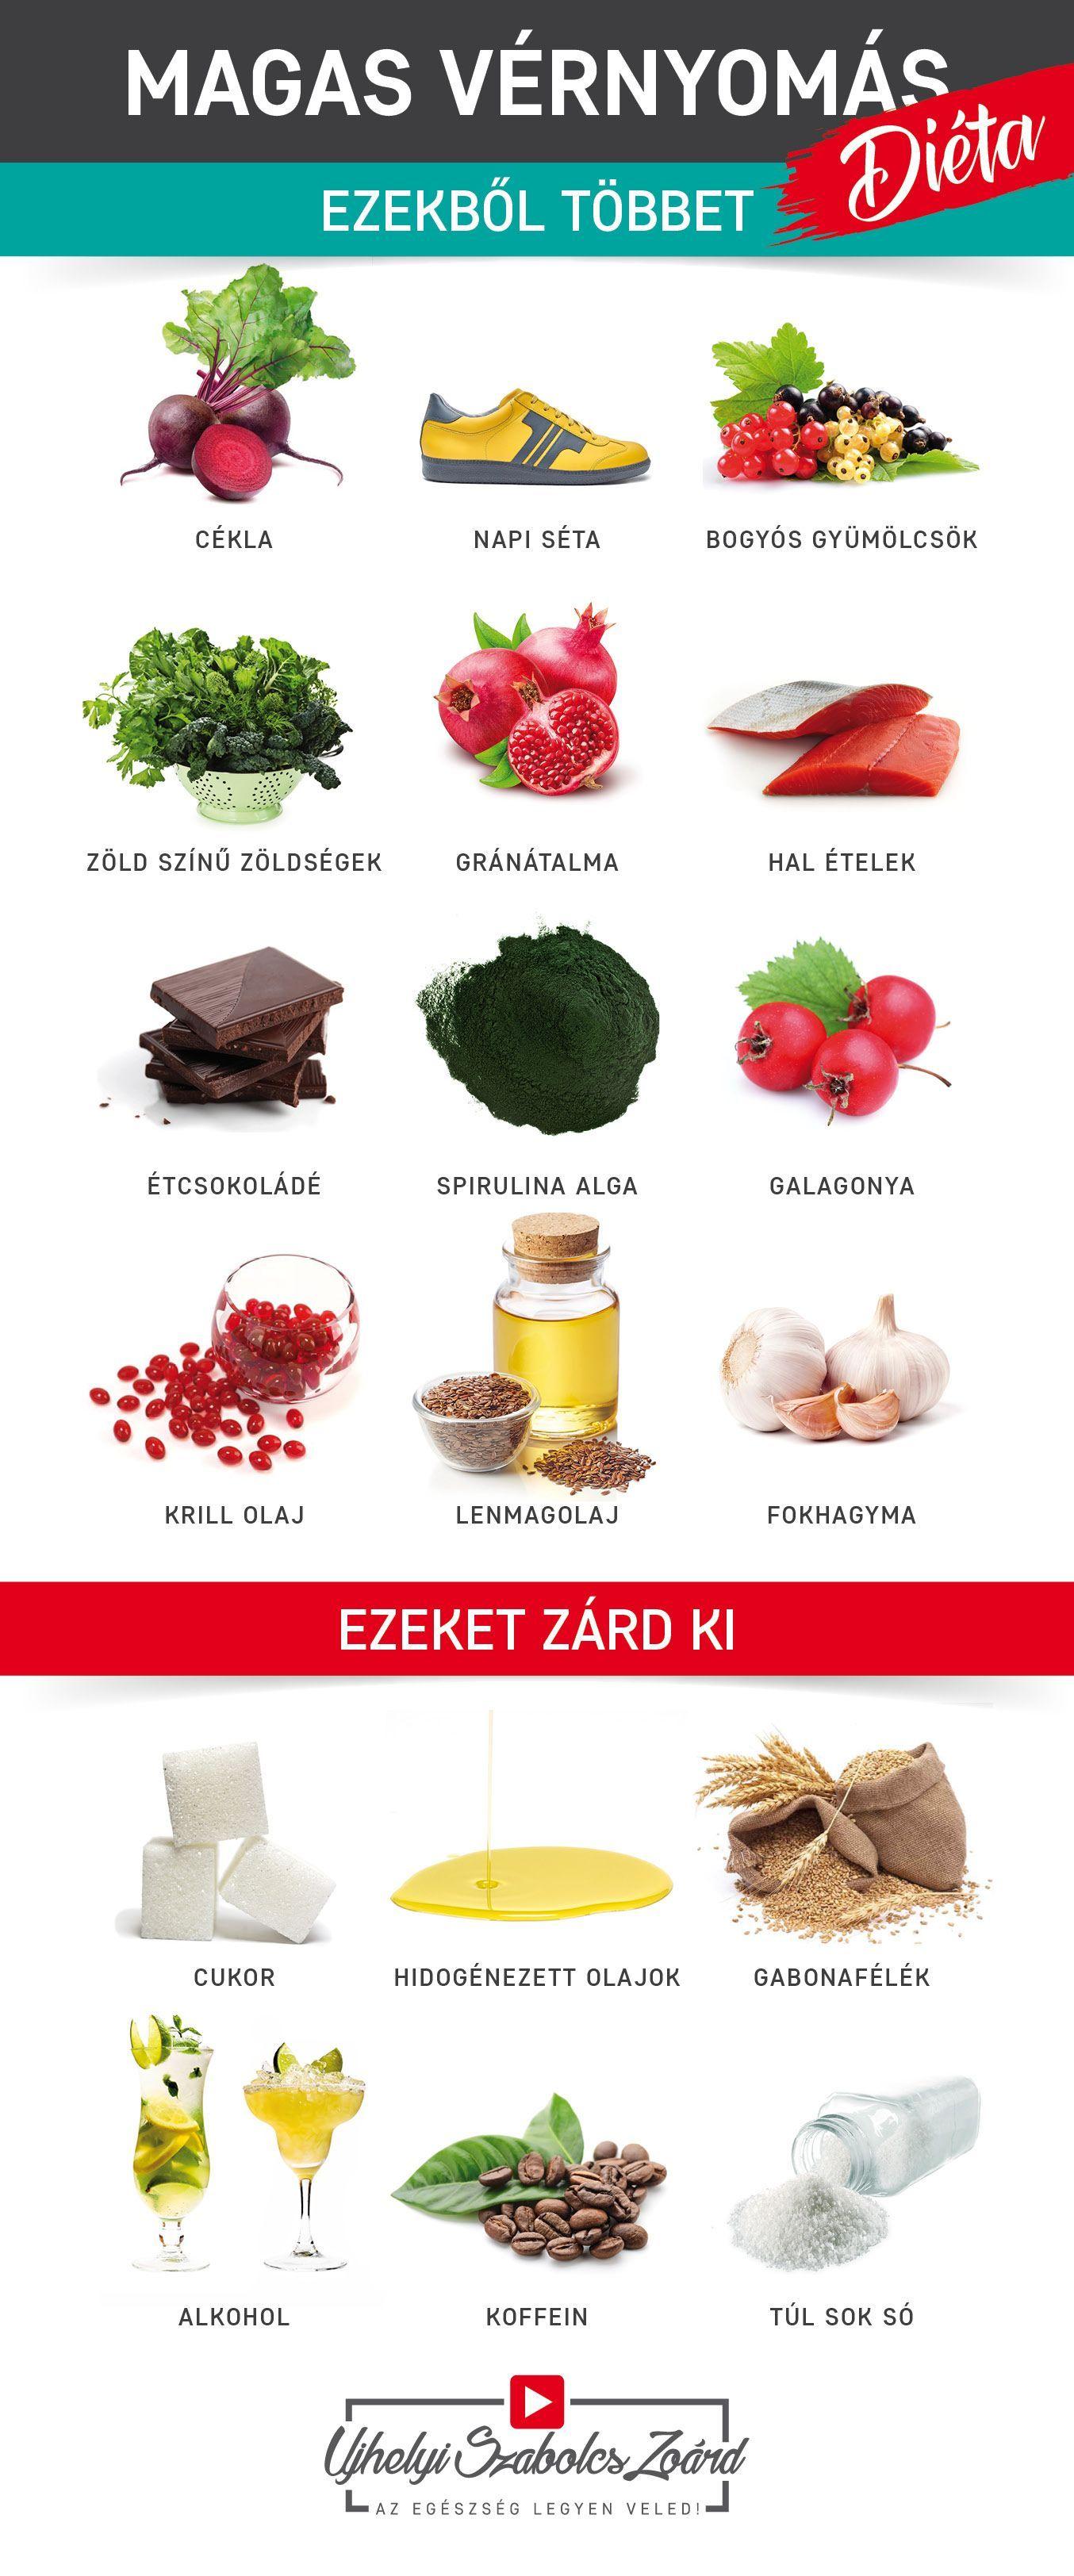 magas vérnyomás egészséges étel